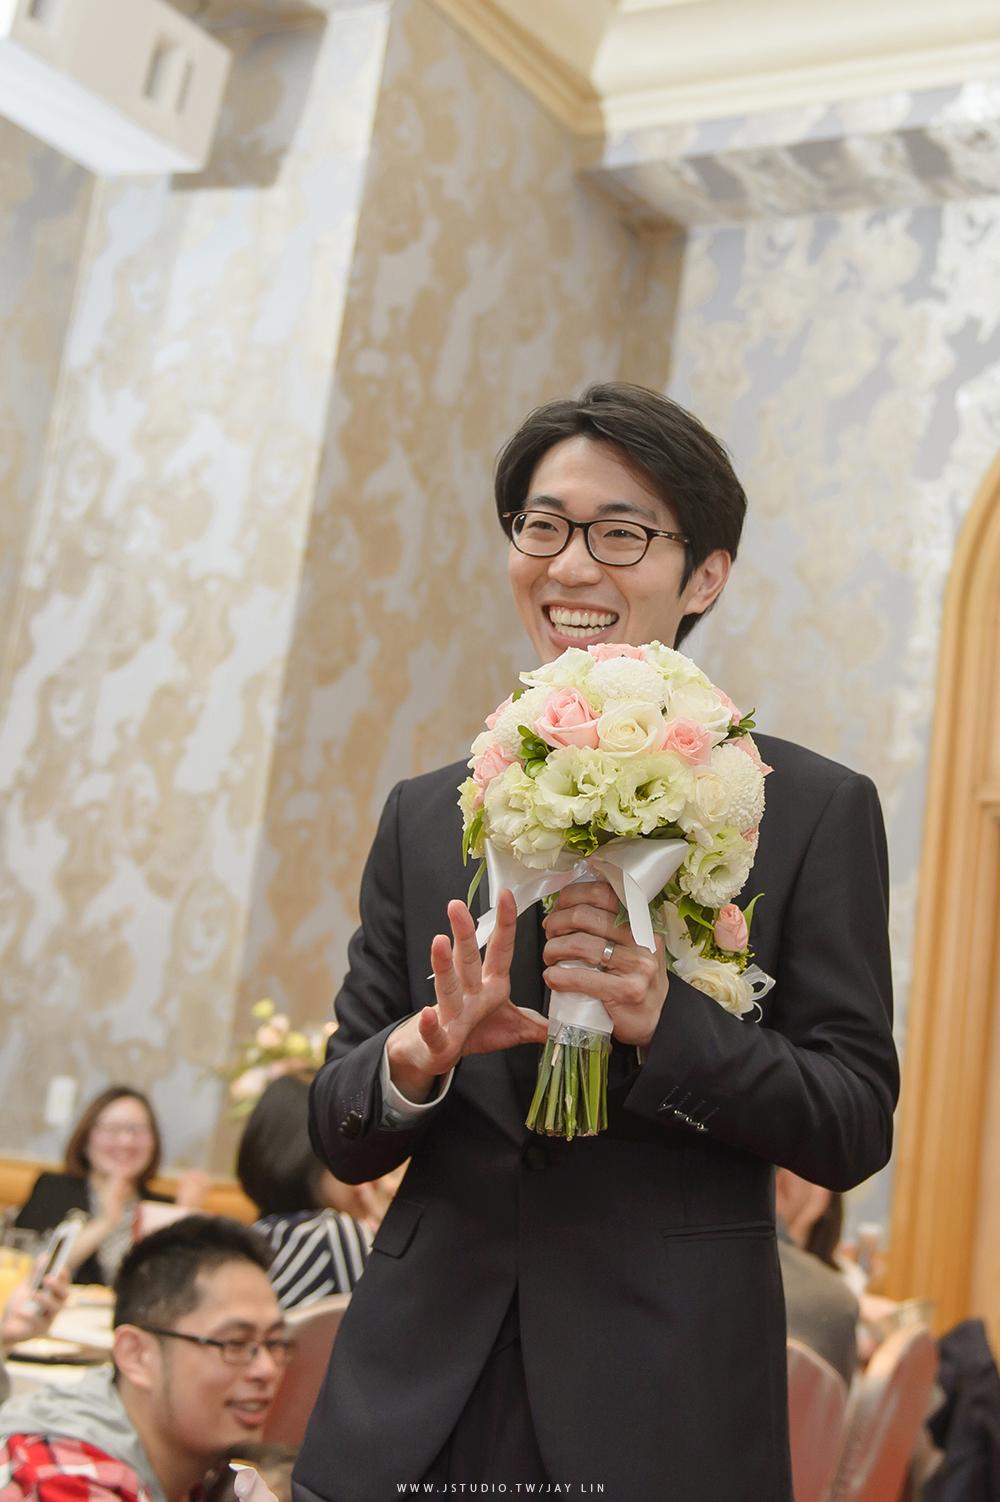 婚攝 推薦婚攝 台北西華飯店  台北婚攝 婚禮紀錄 JSTUDIO_0054